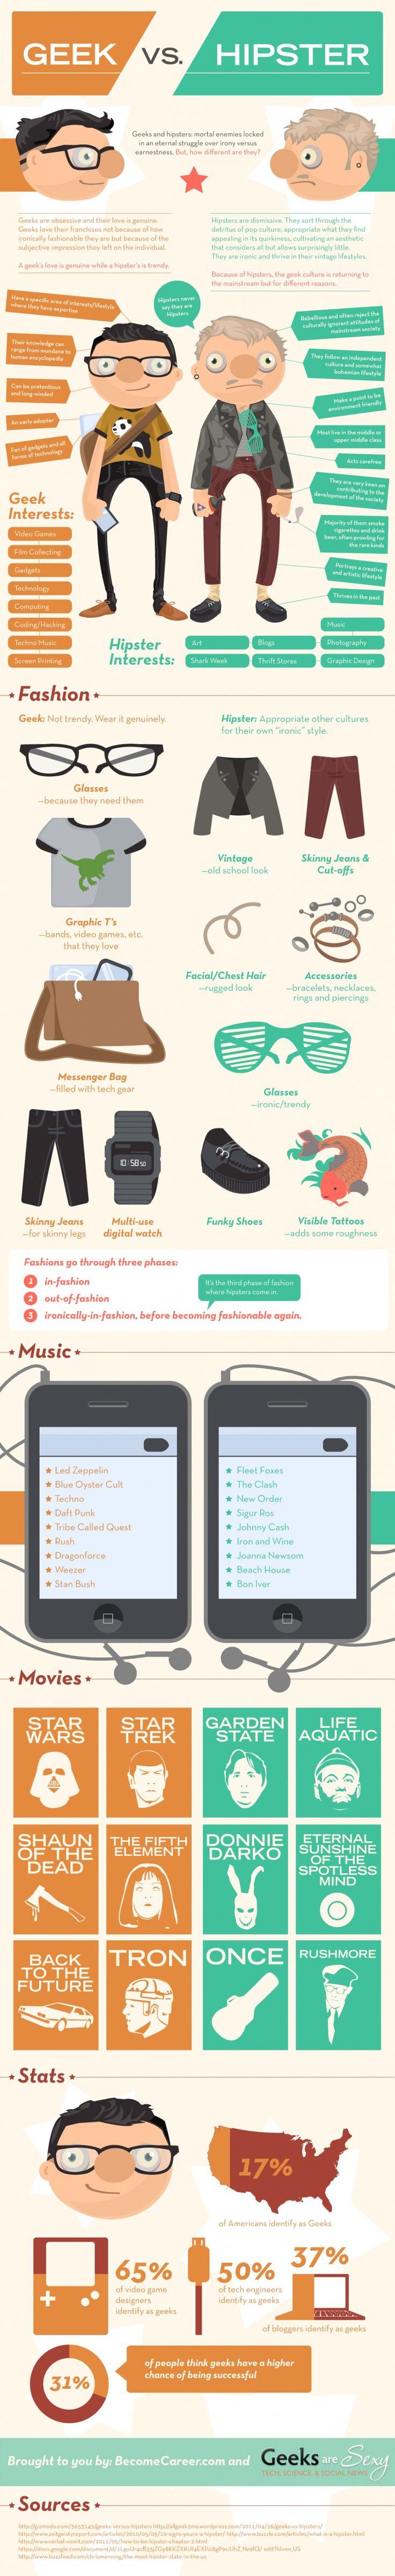 Geek vs. Hipster diagram